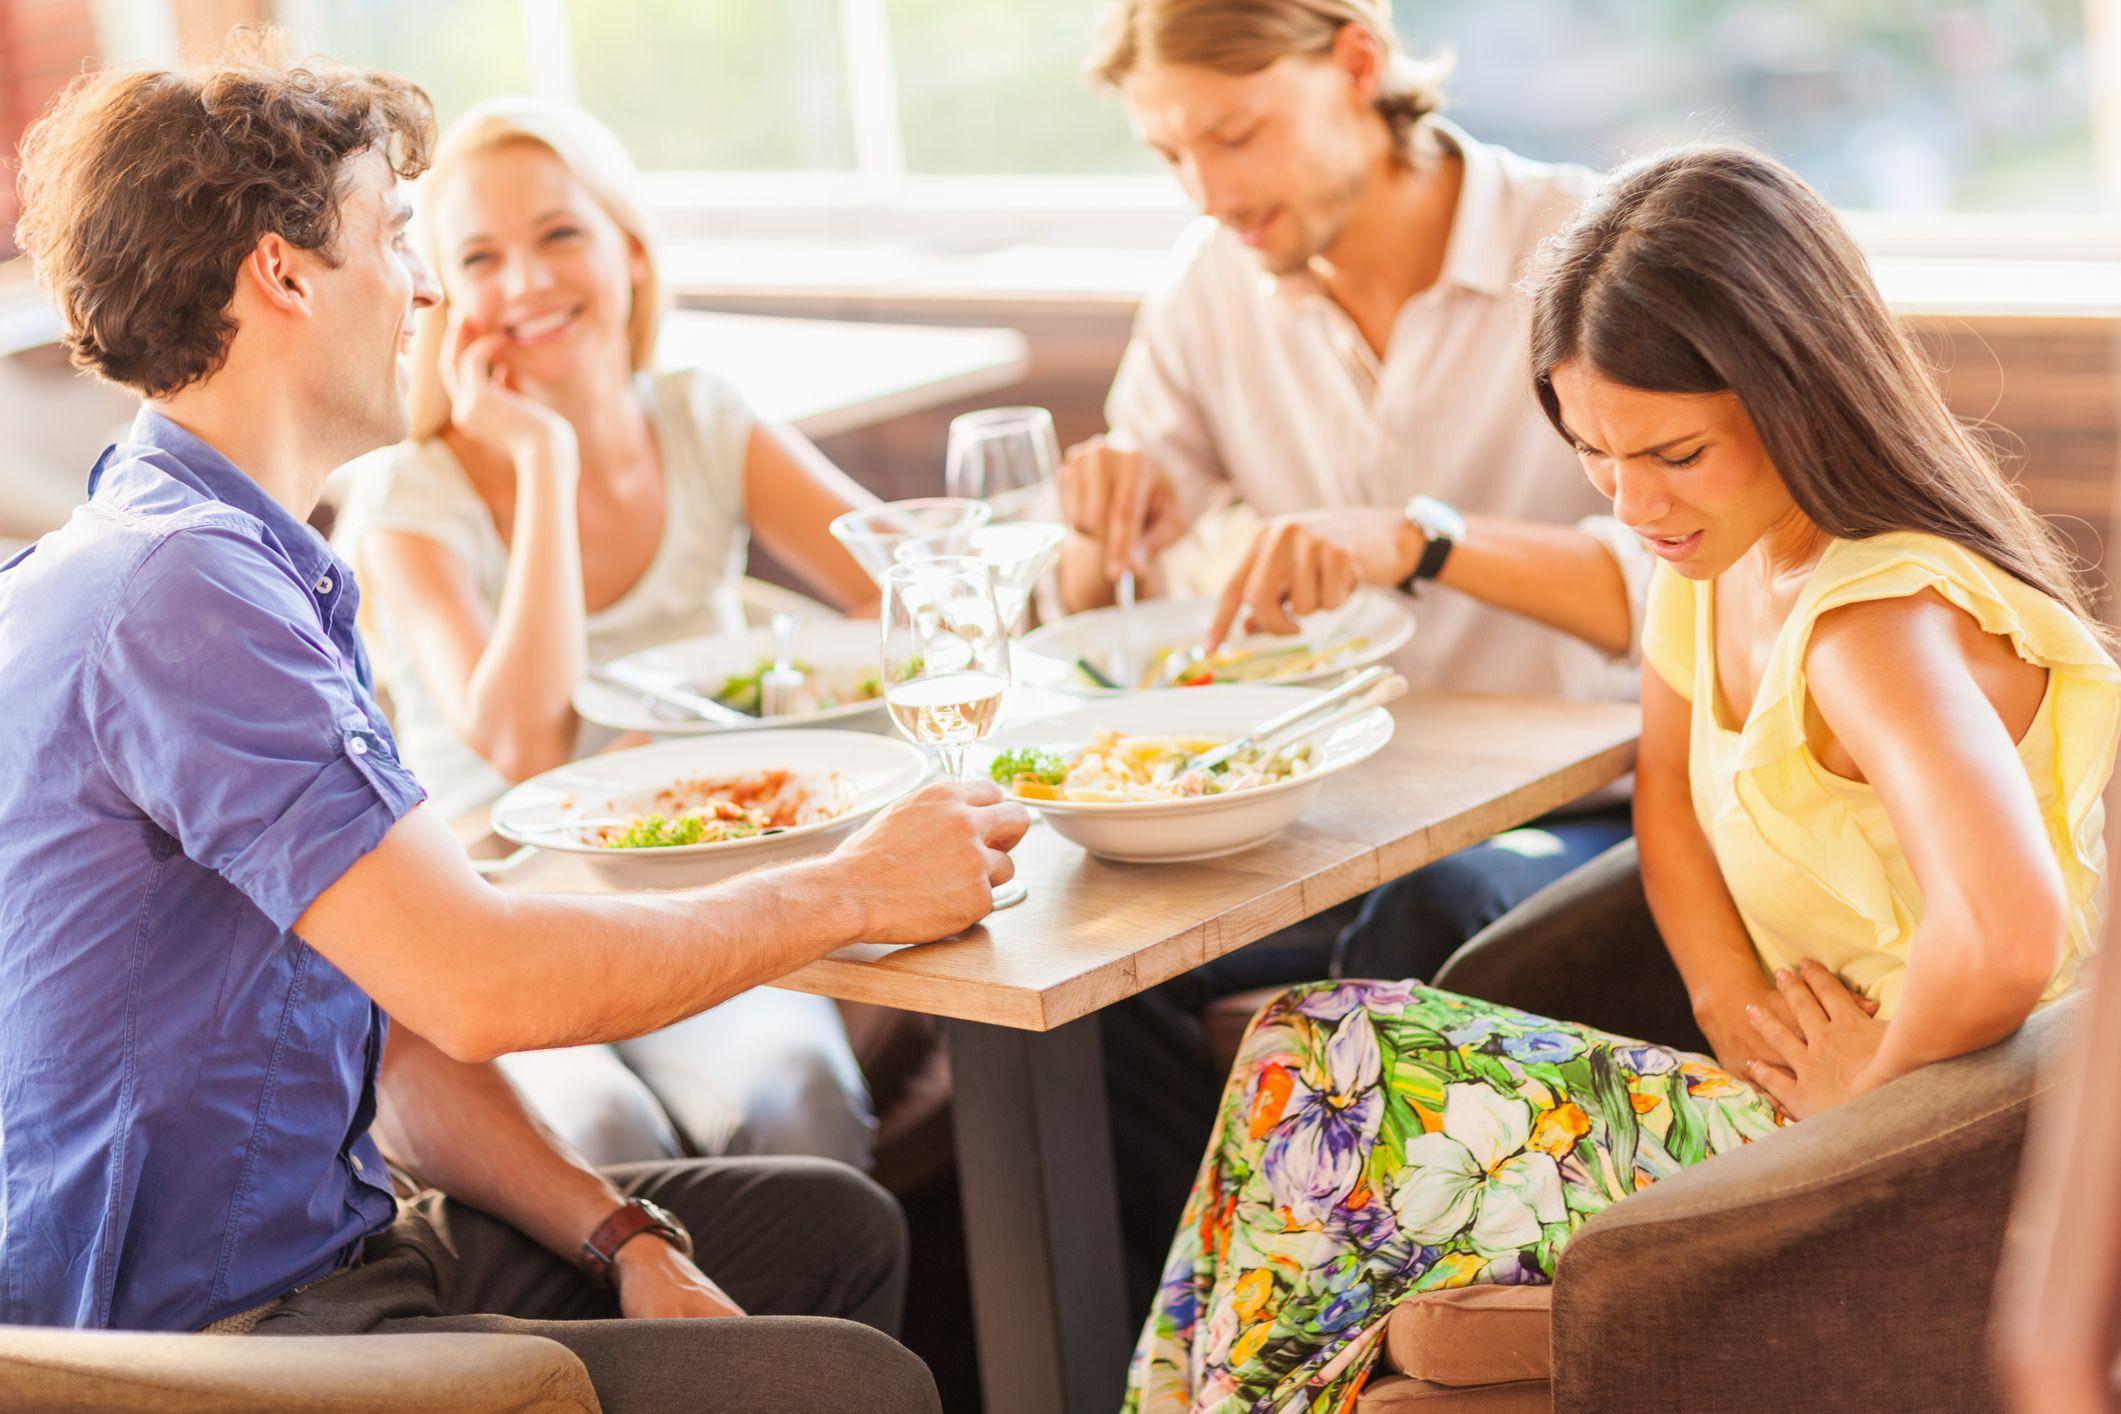 Una intolerancia alimentaria puede provocar malestar digestivo, dolores, picores o incluso diarrea.